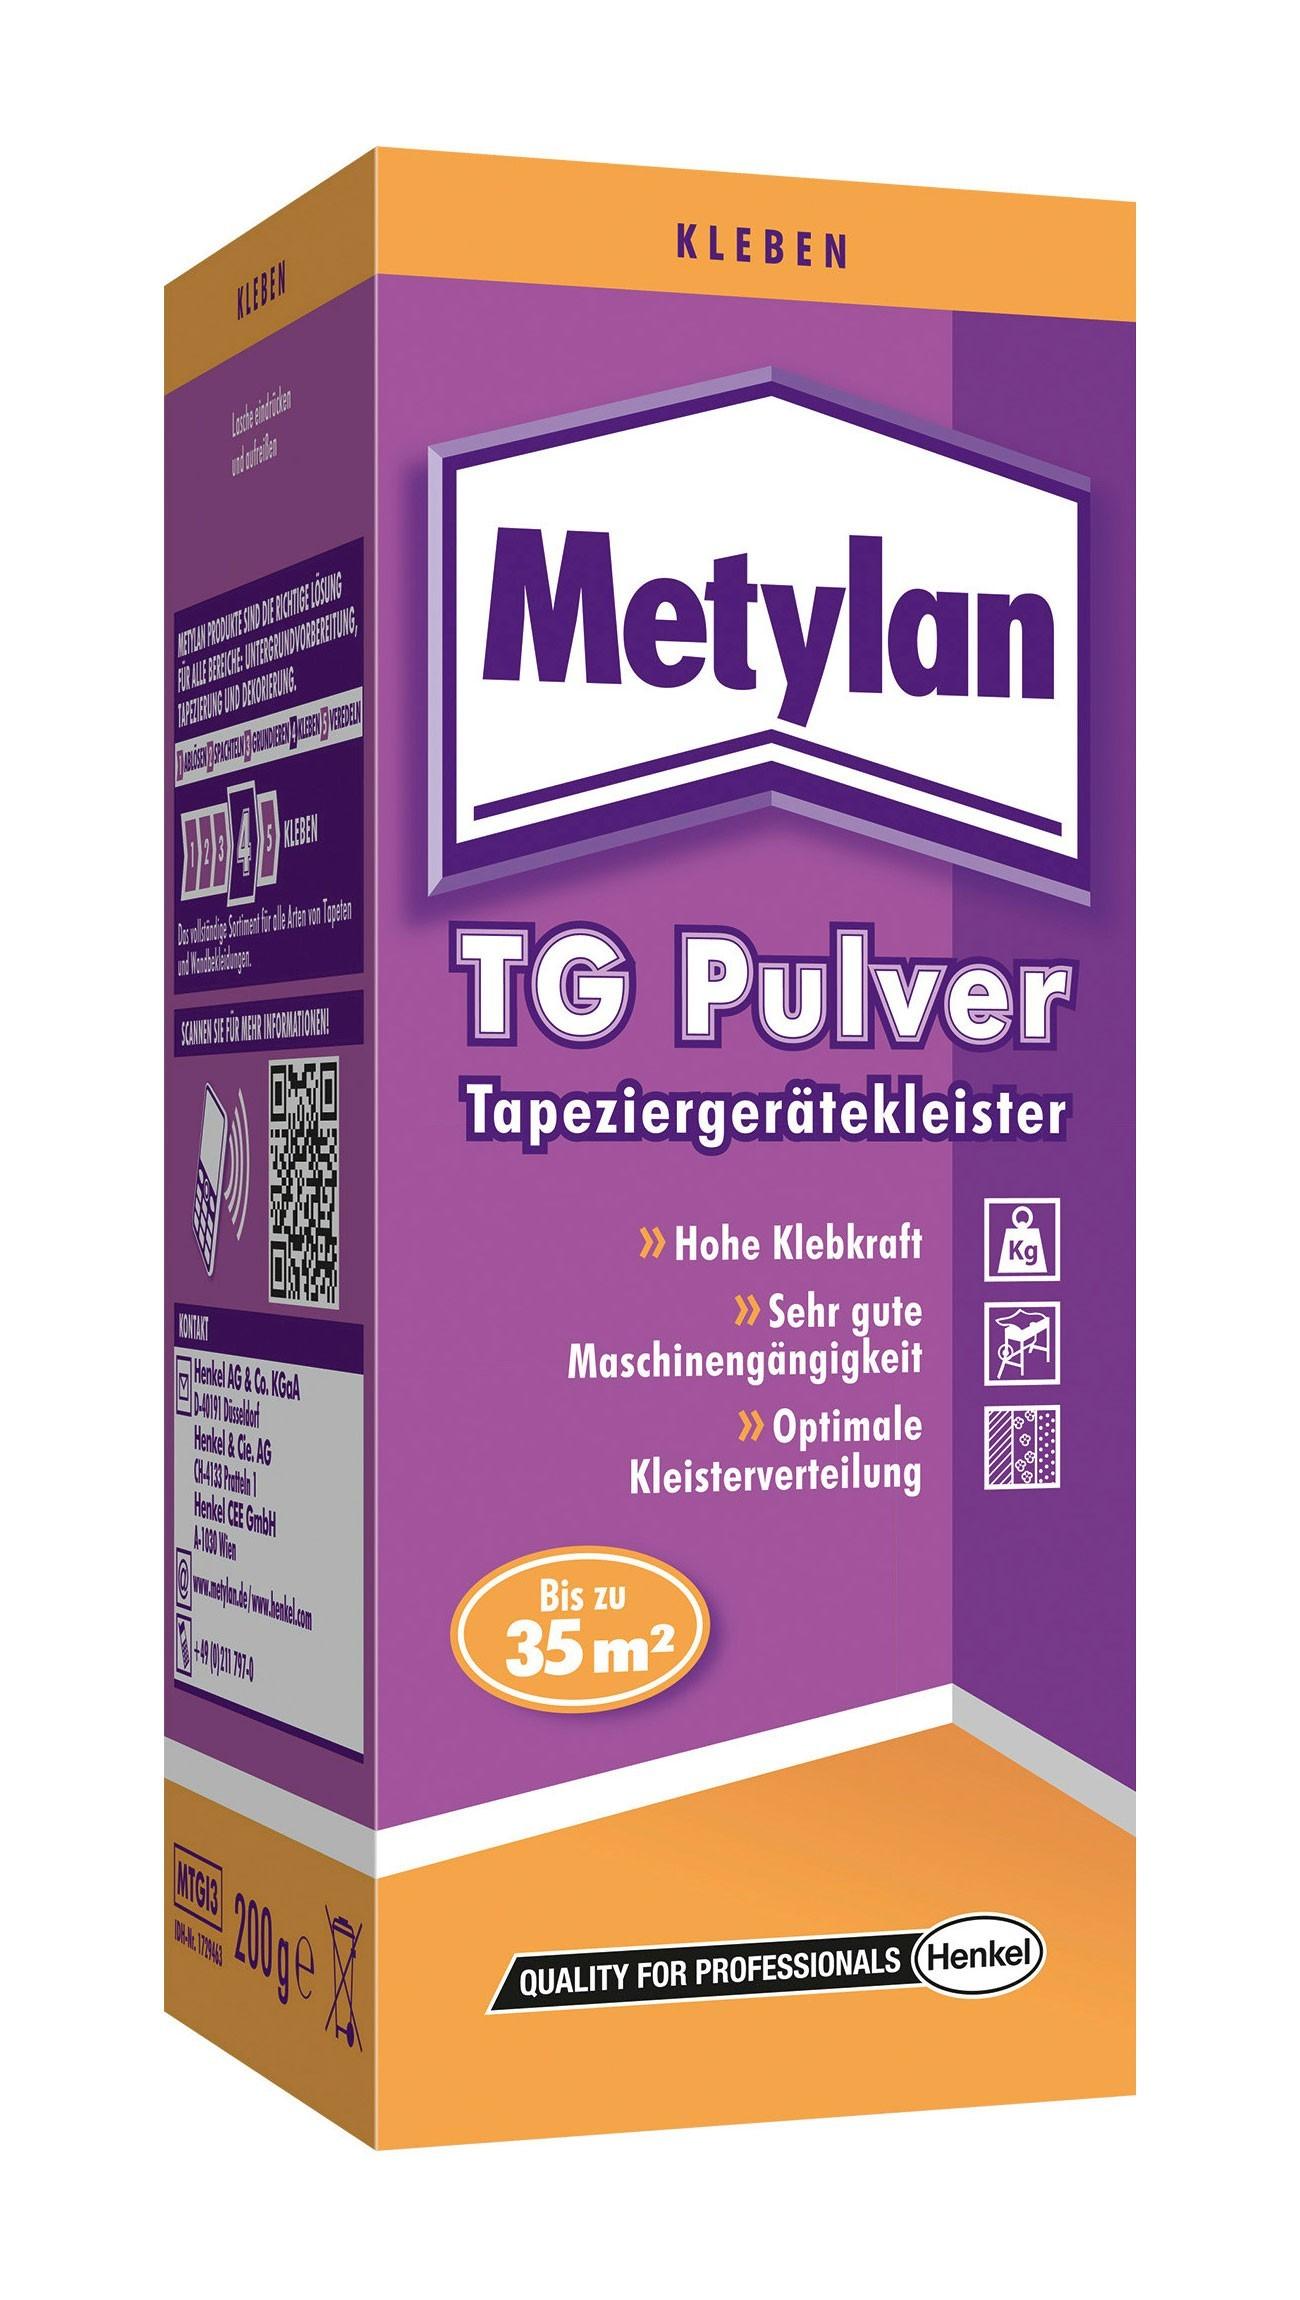 Metylan Kleister / TG Pulver Tapeziergerätekleister 200g Bild 1